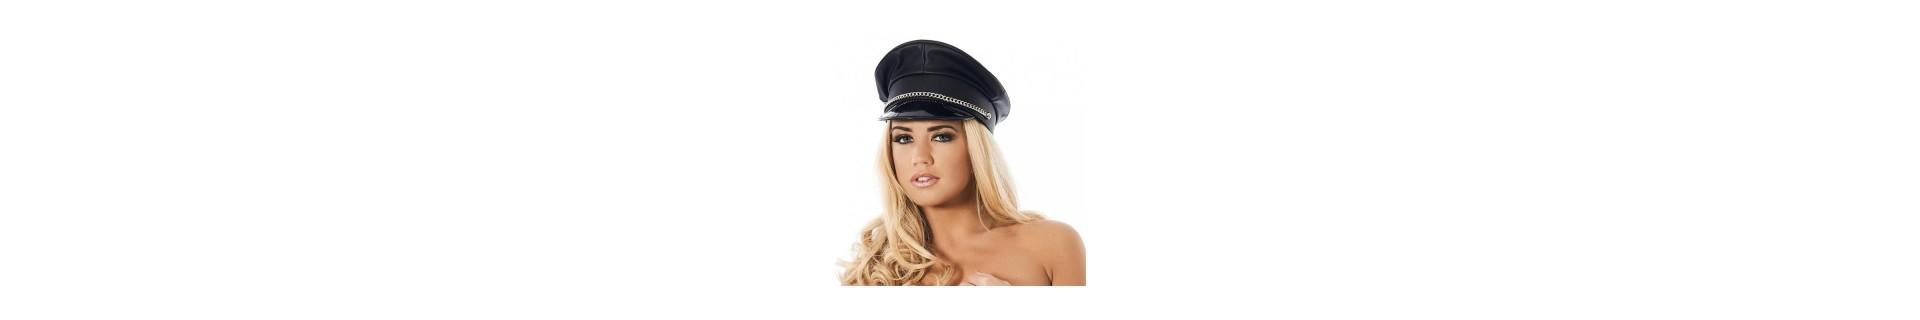 Comprar disfraces eróticos online 【Envío discreto】 ❤️